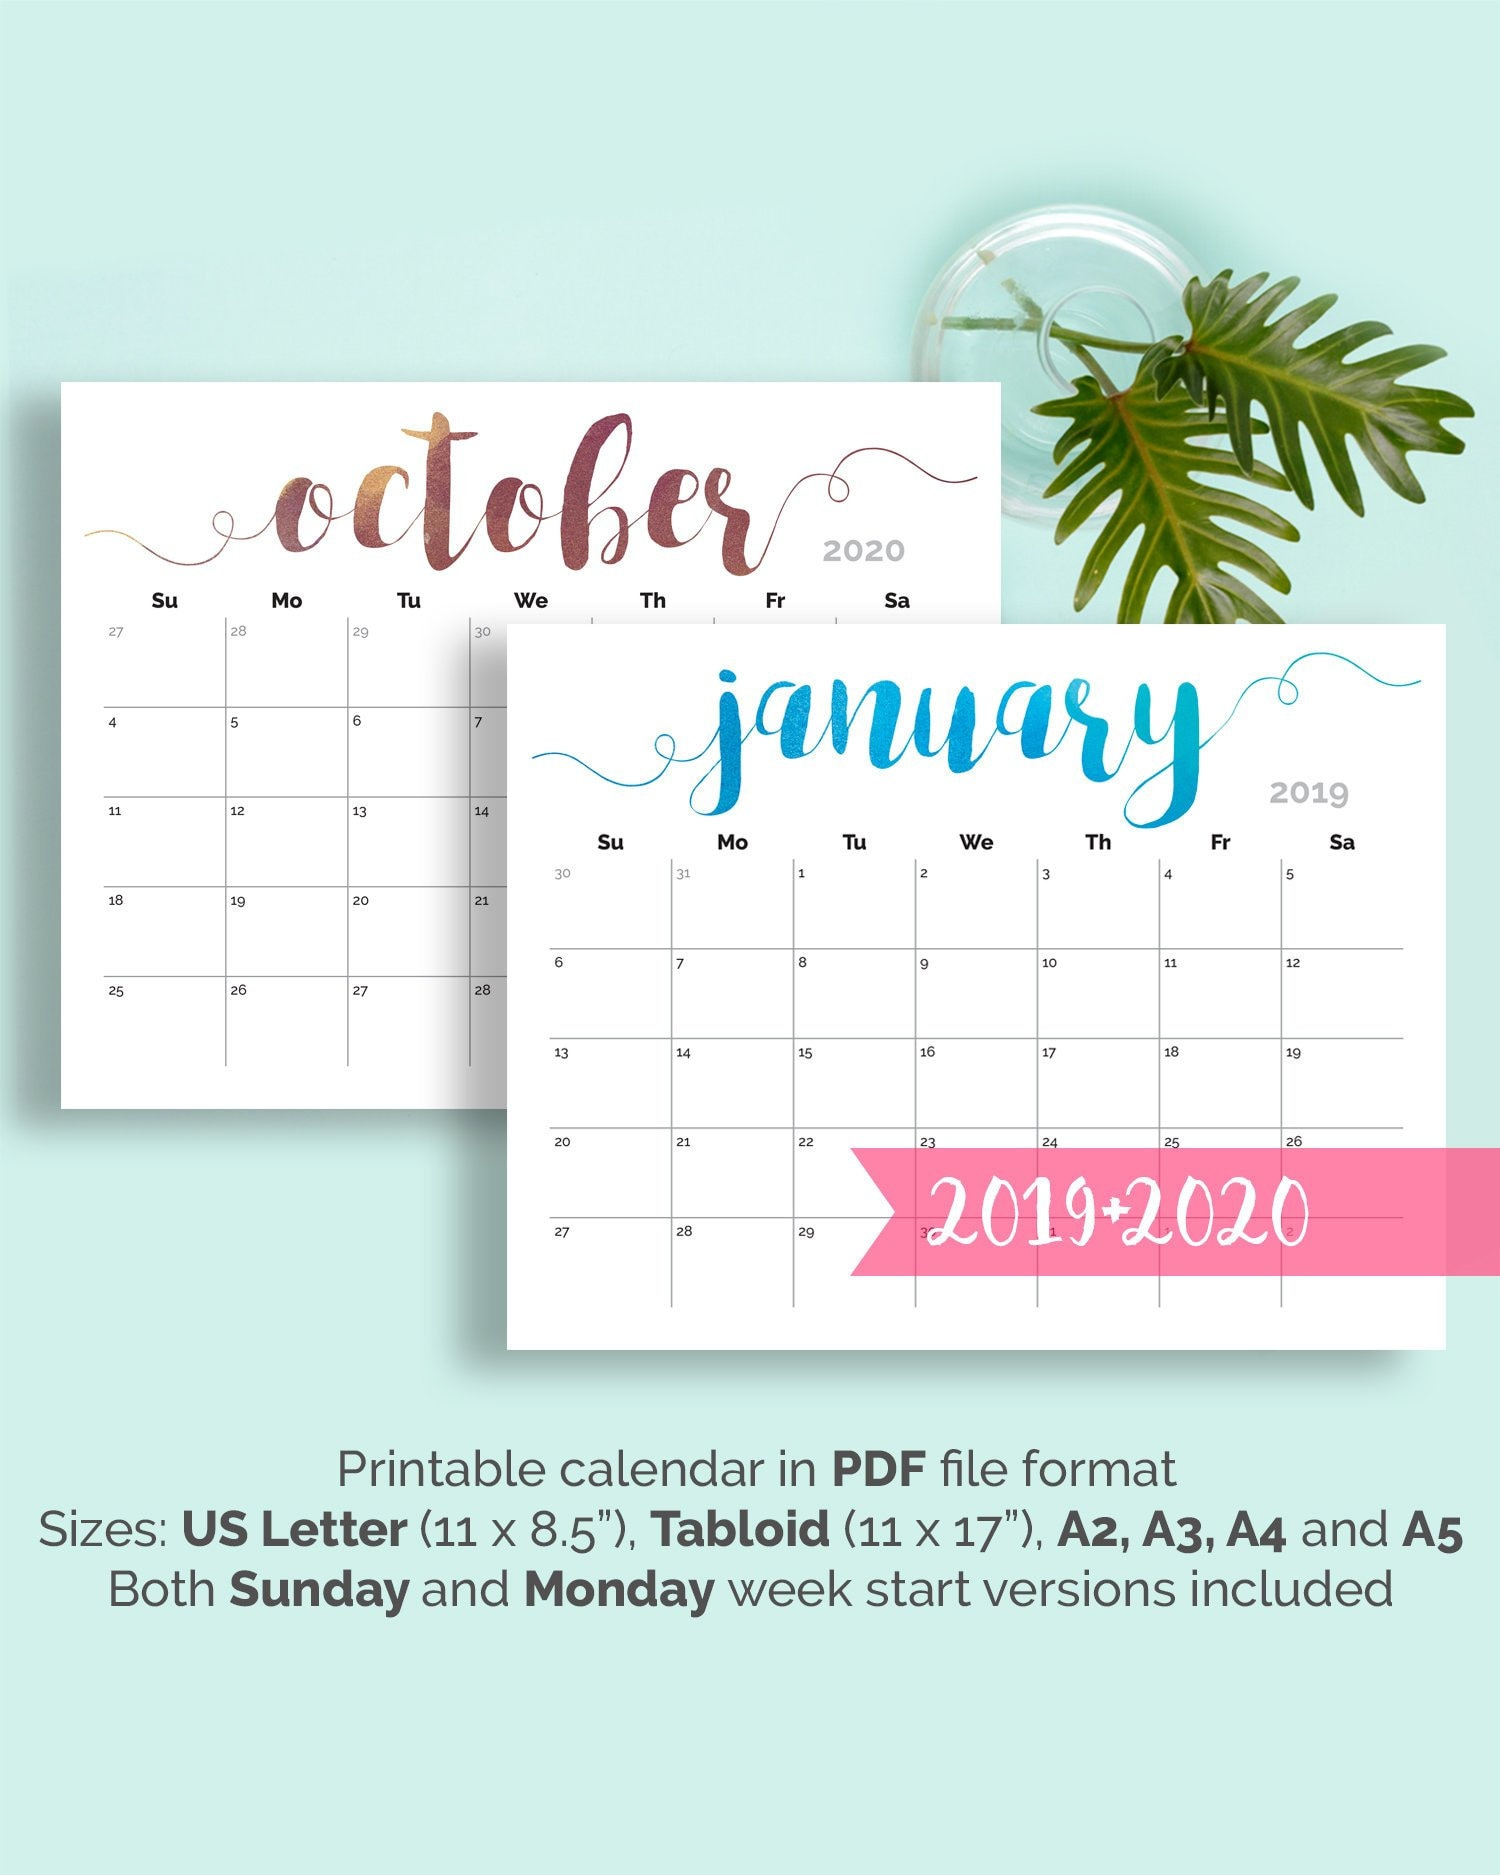 Calendario 2020 Con Foto Gratis.Printable Calendar 2019 Large Wall Calendar 2019 2020 Desk Calendar Large Monthly Pages Printable Pdf Calender 2020 Calendar Printable 2019